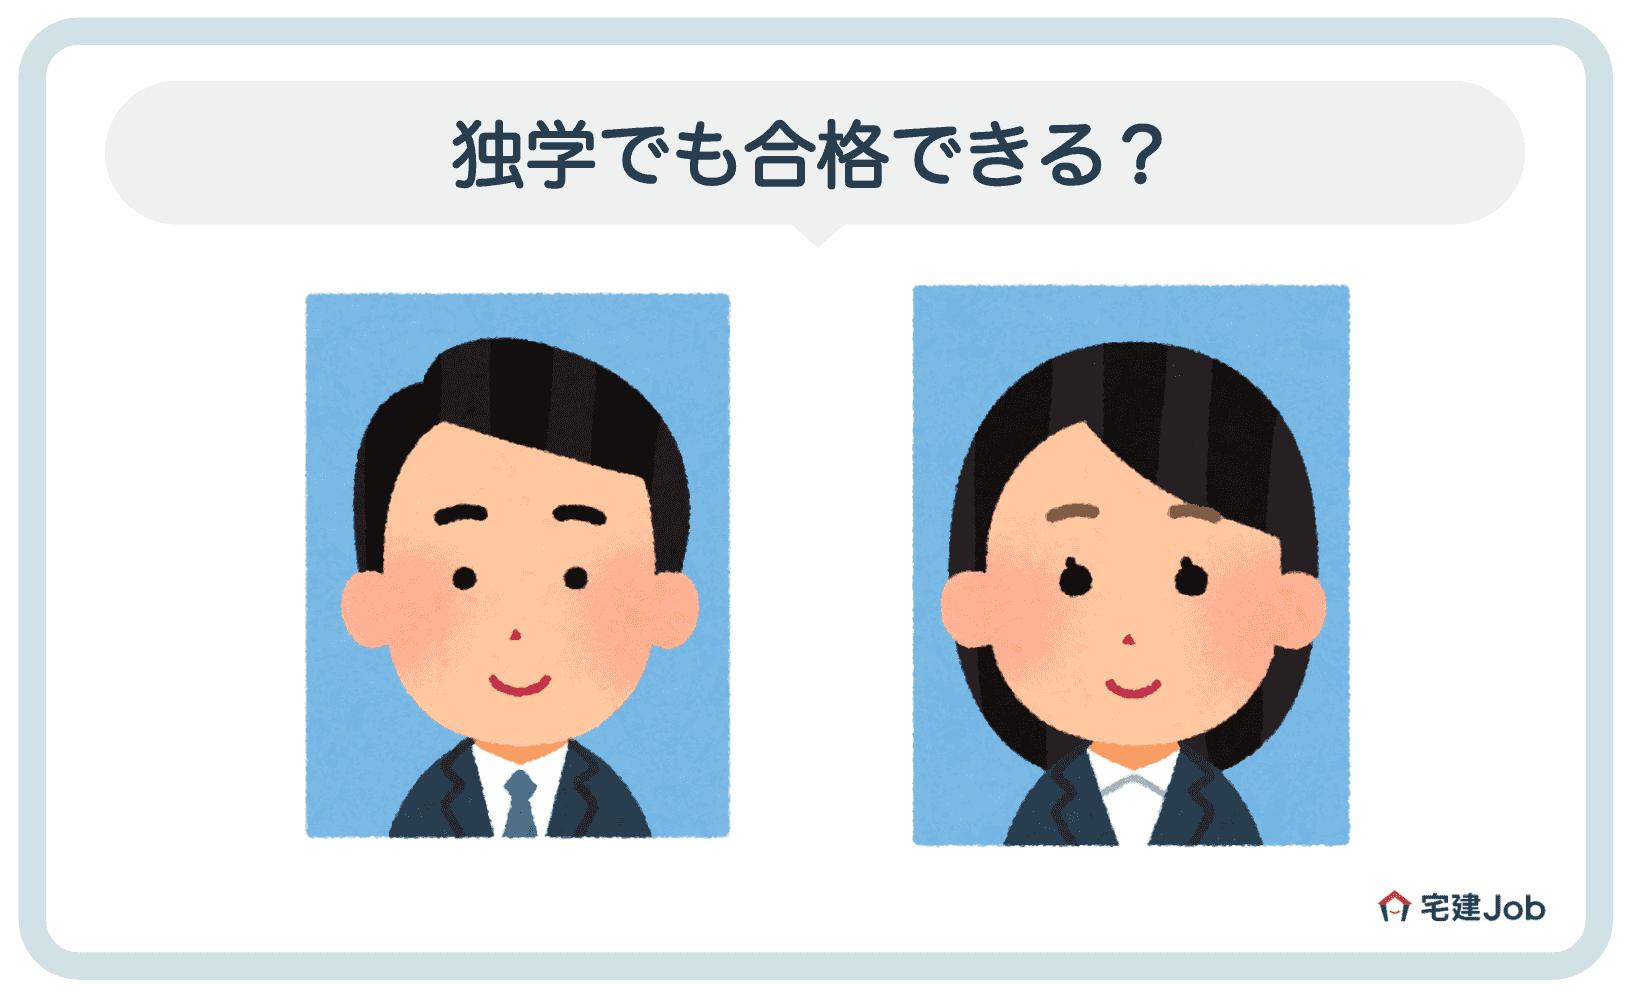 5.不動産鑑定士は独学でも合格できる【予備校不要論】